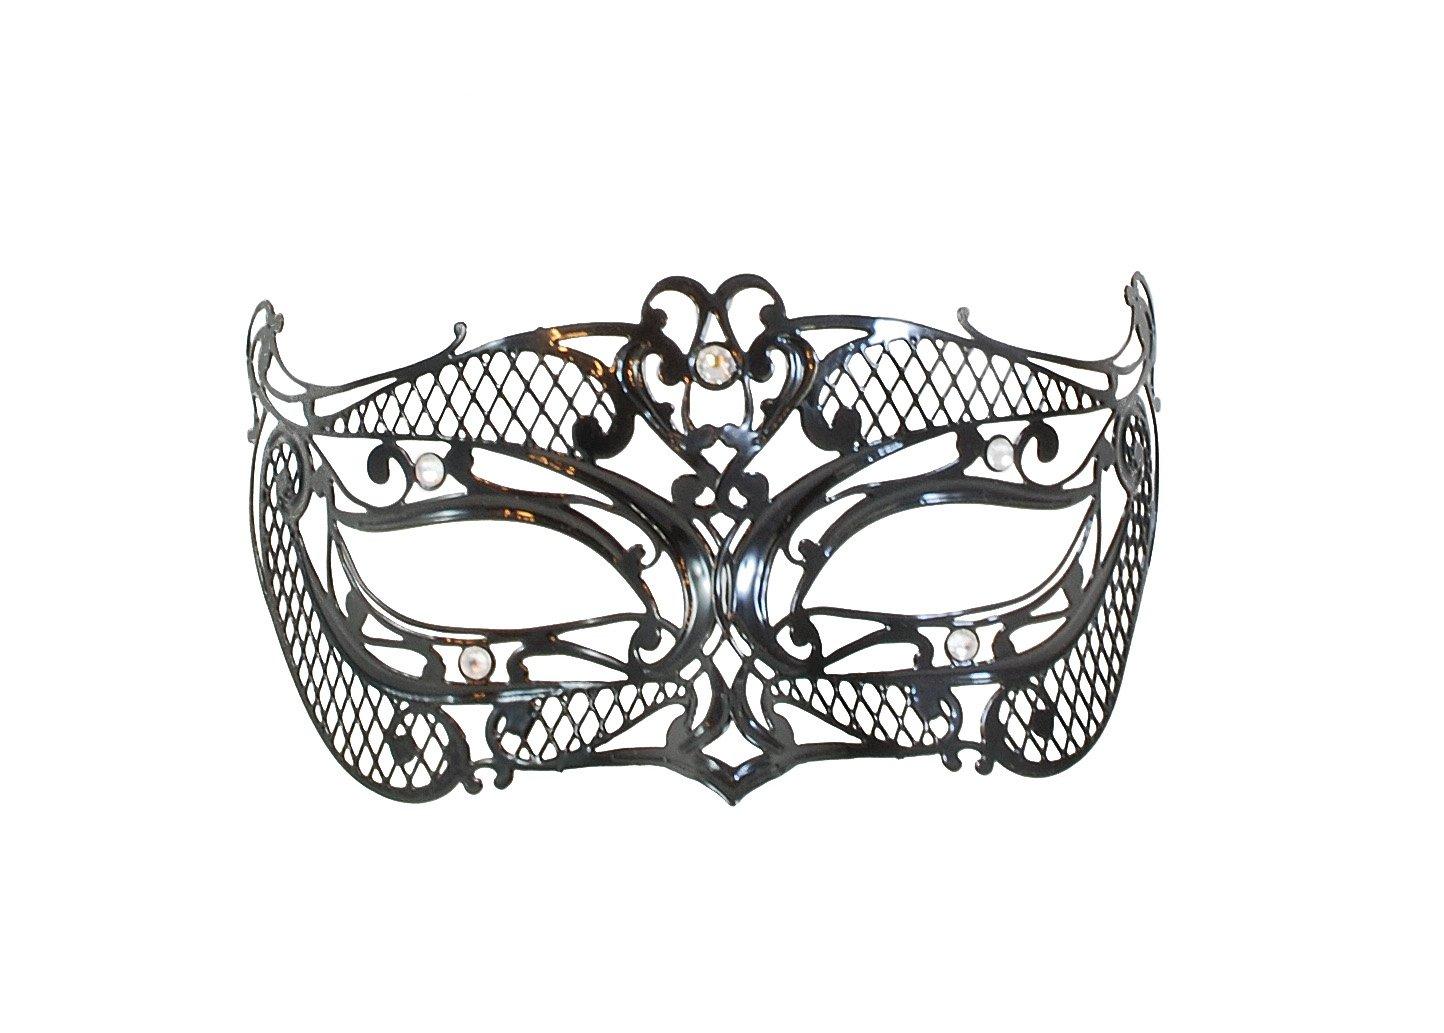 La Fucina dei Miracoli, Maschera in metallo nero con strass Swarovski® originali, 'Lui' Maschera in metallo nero con strass Swarovski® originali Lui